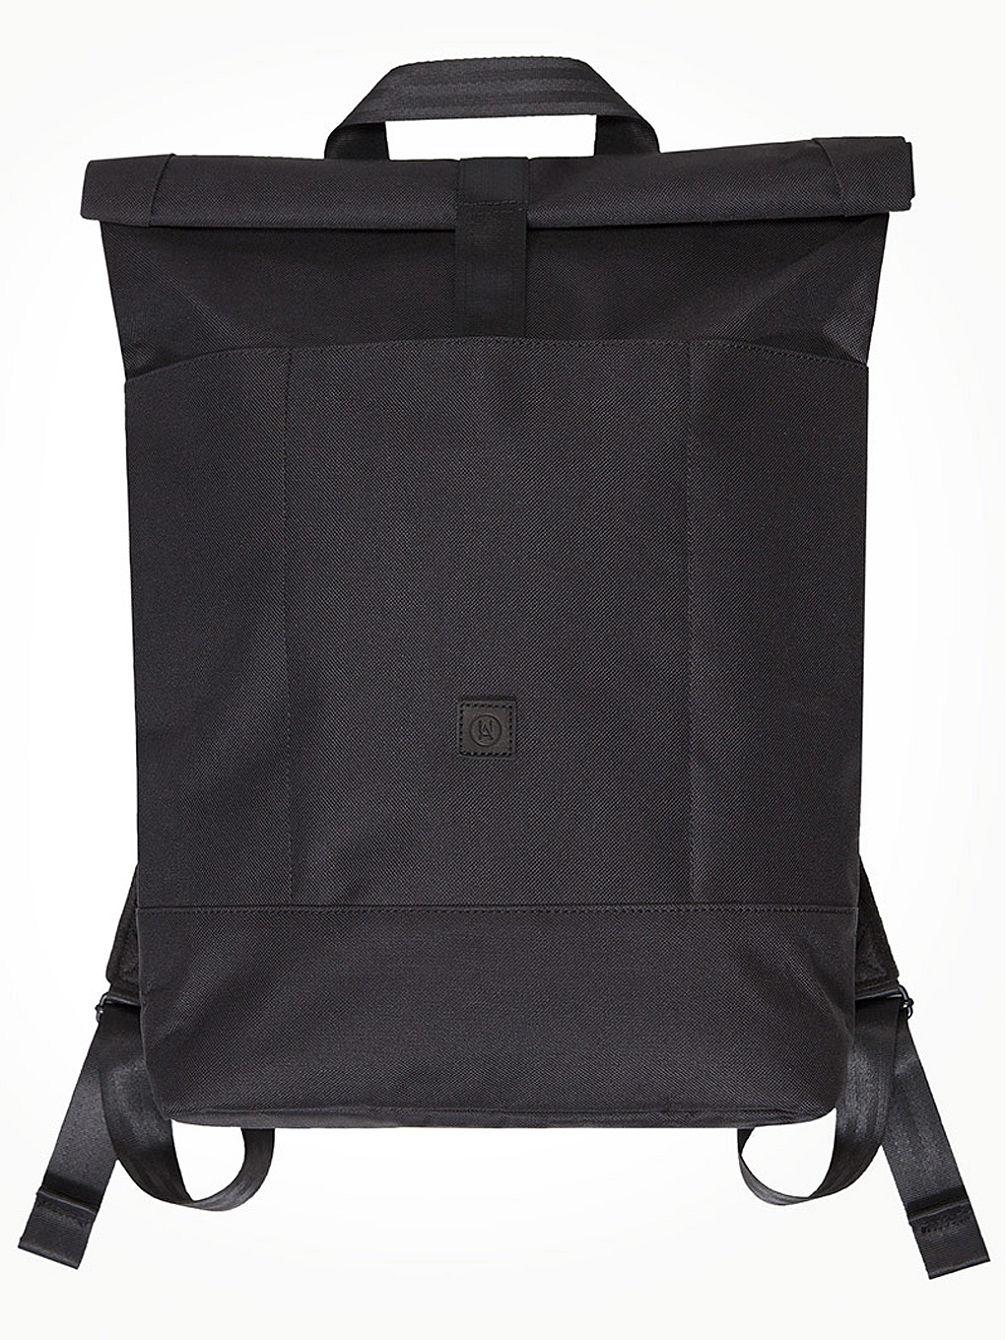 ucon-ringo-backpack